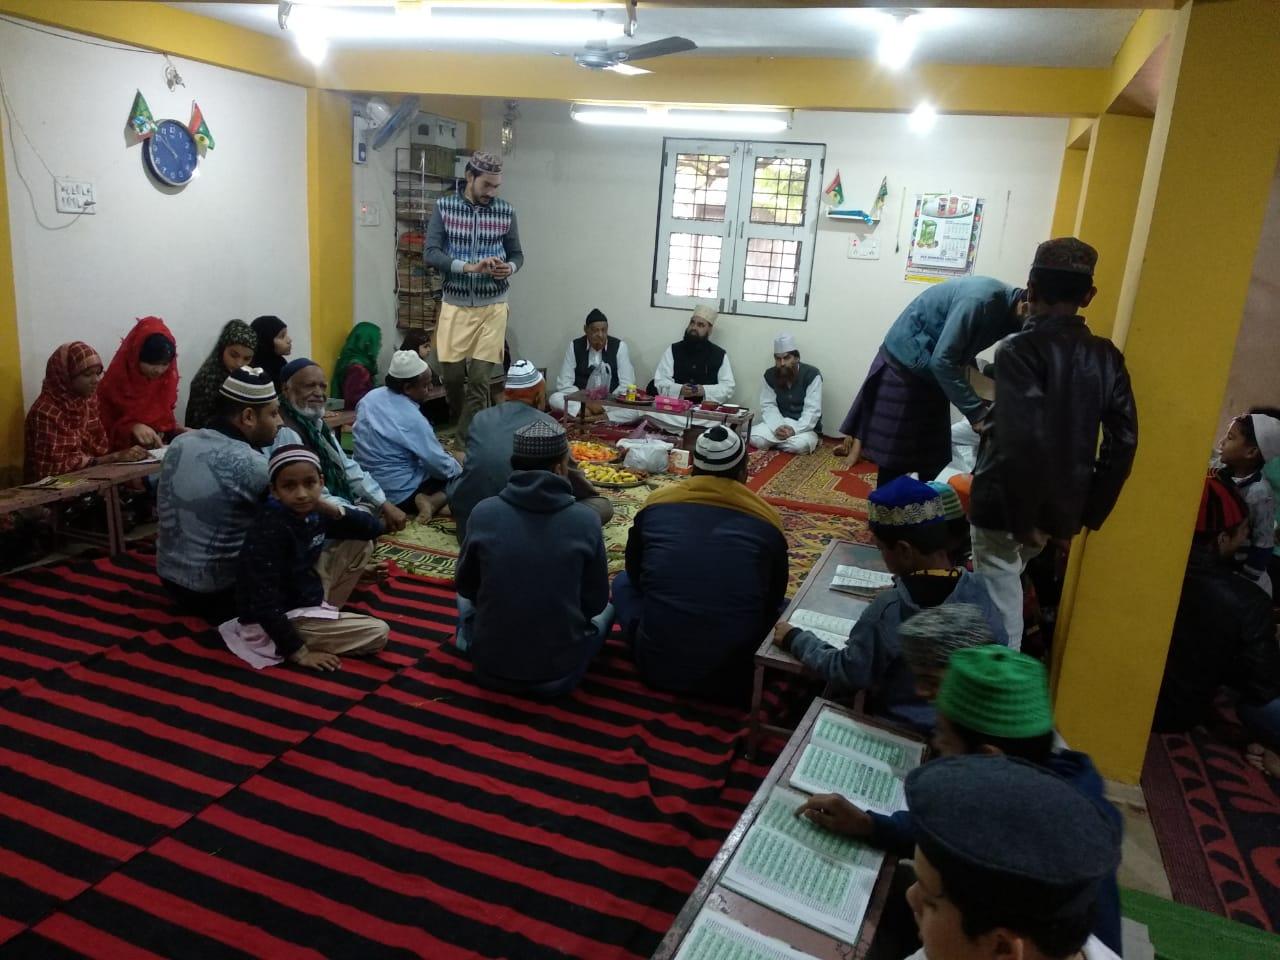 Jhabua News- 8 वां उर्से निज़ामी सादगी भरे माहौल में मनाया गया,  मुरीदीन ने पेश की गई खिराजे अकीदत